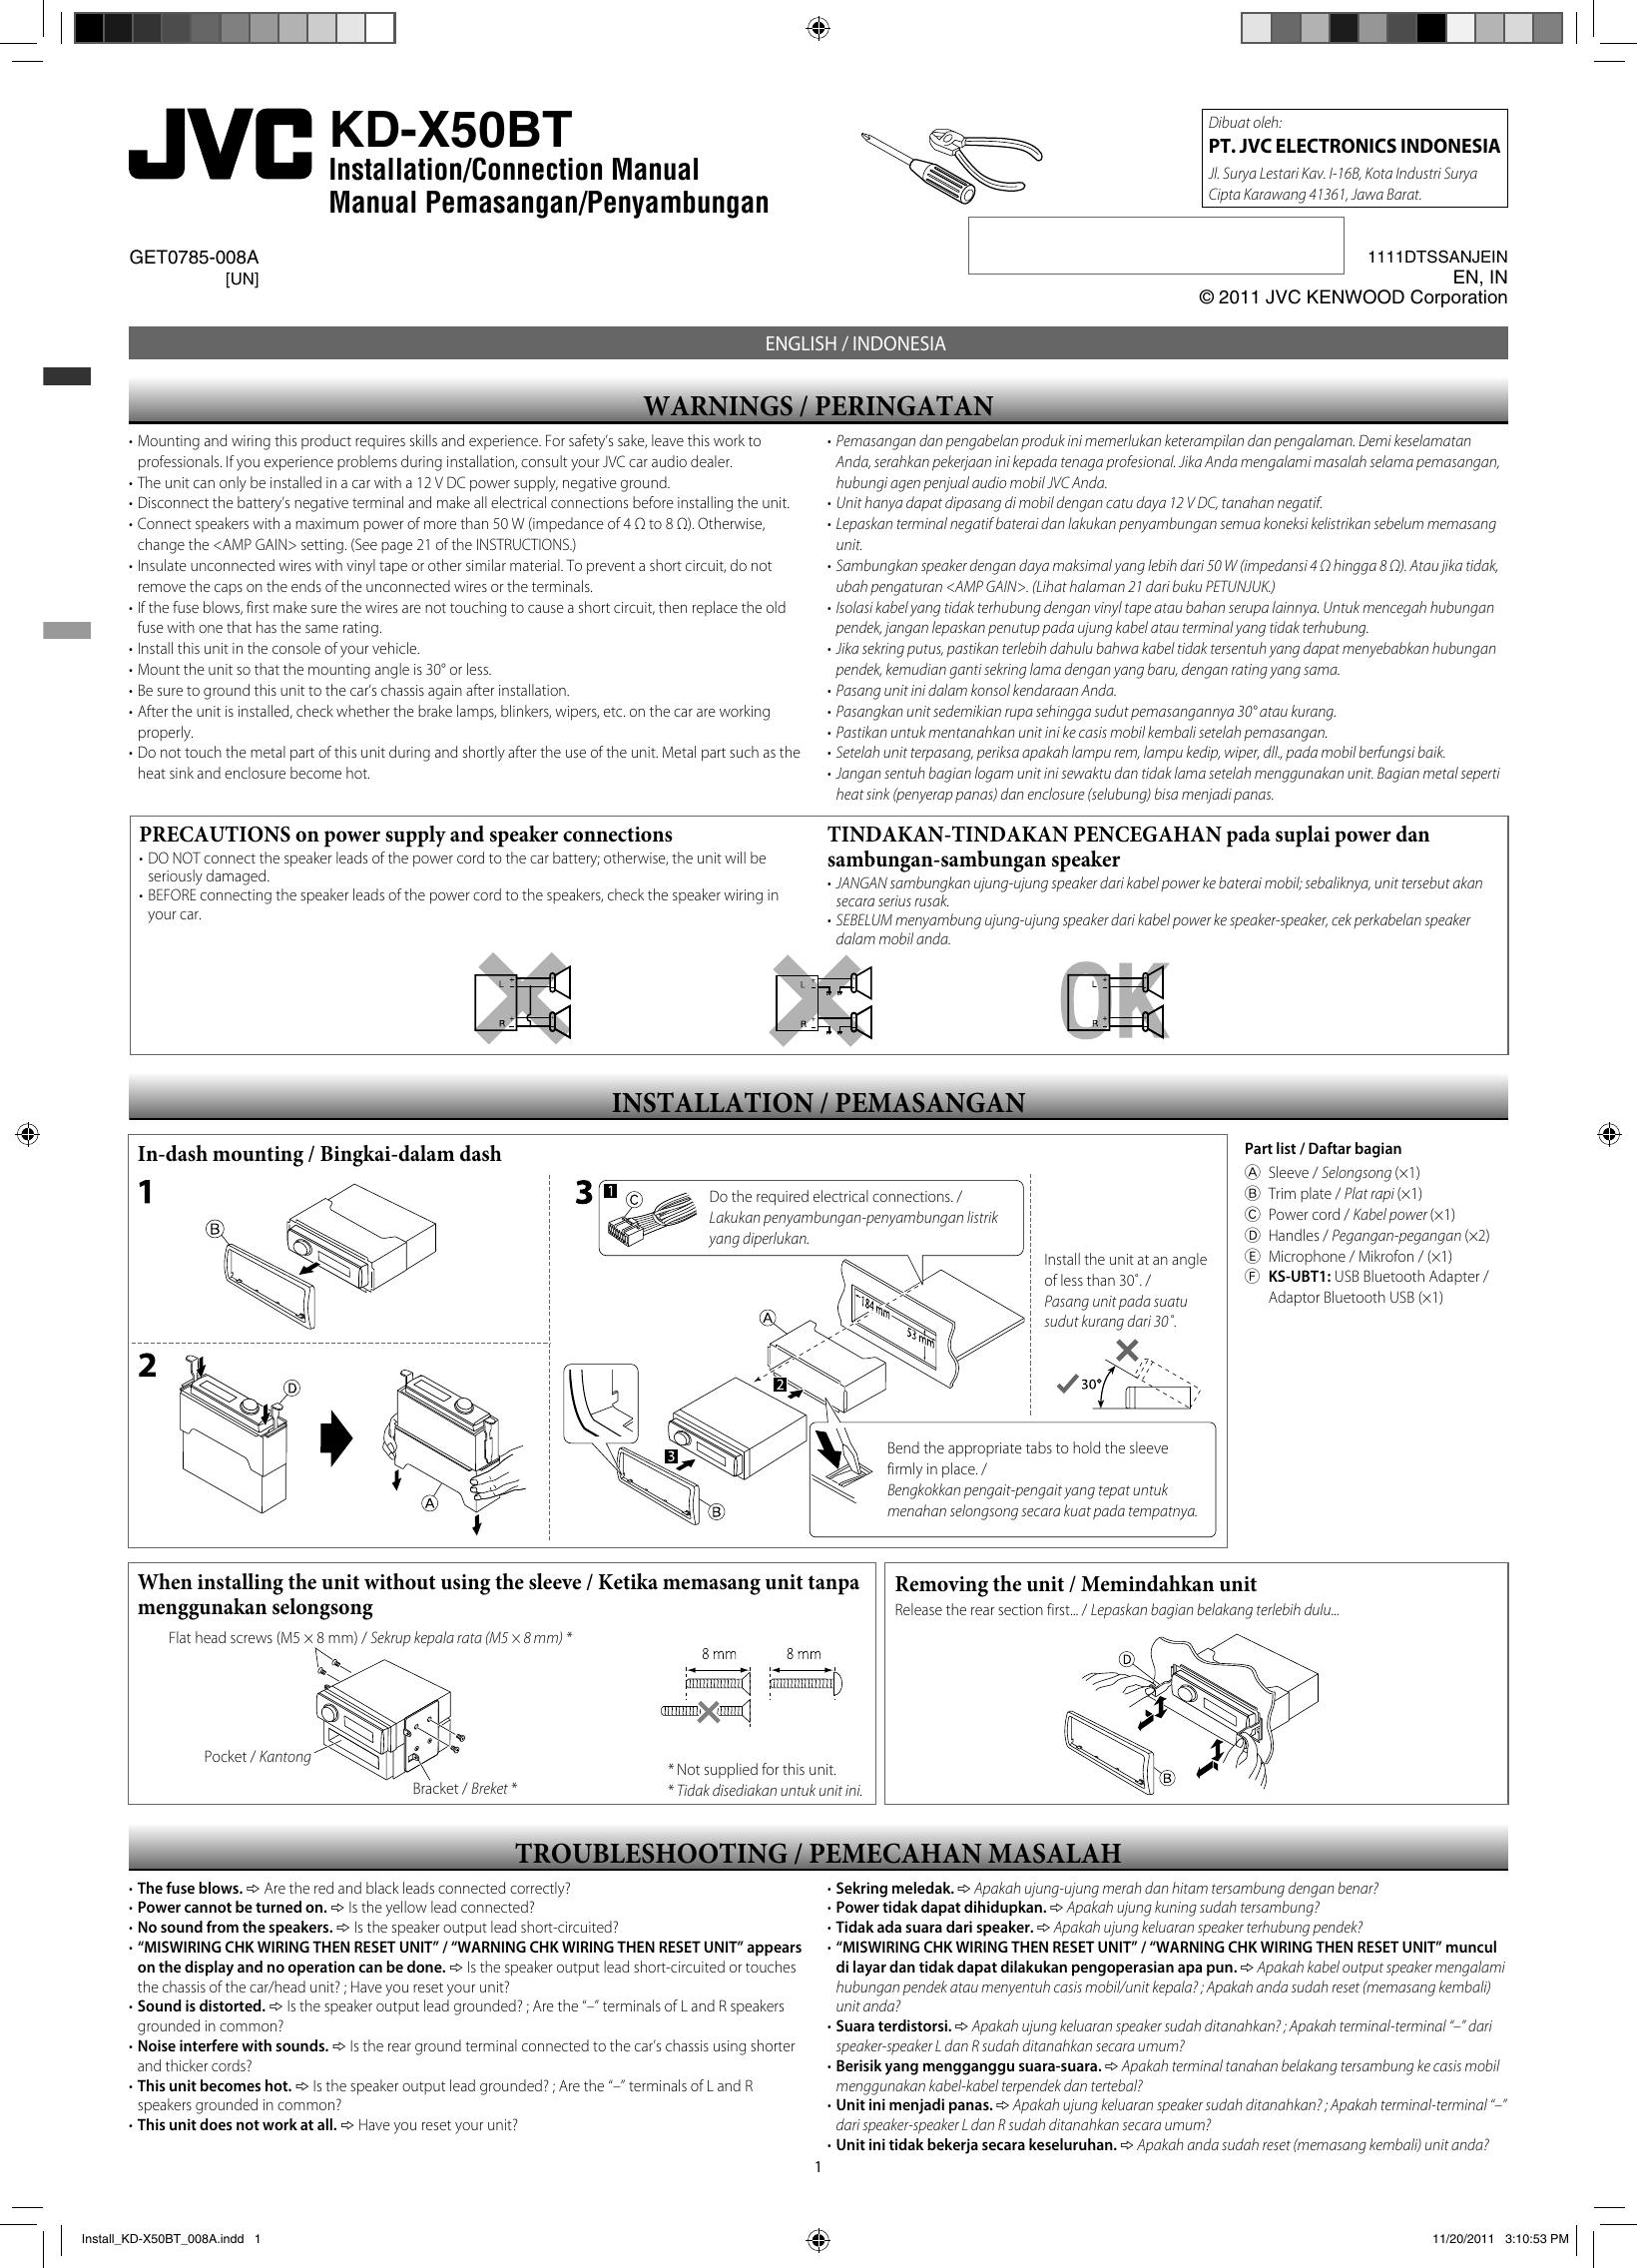 JVC KD X50BTUN X50BT User Manual GET0785 008A